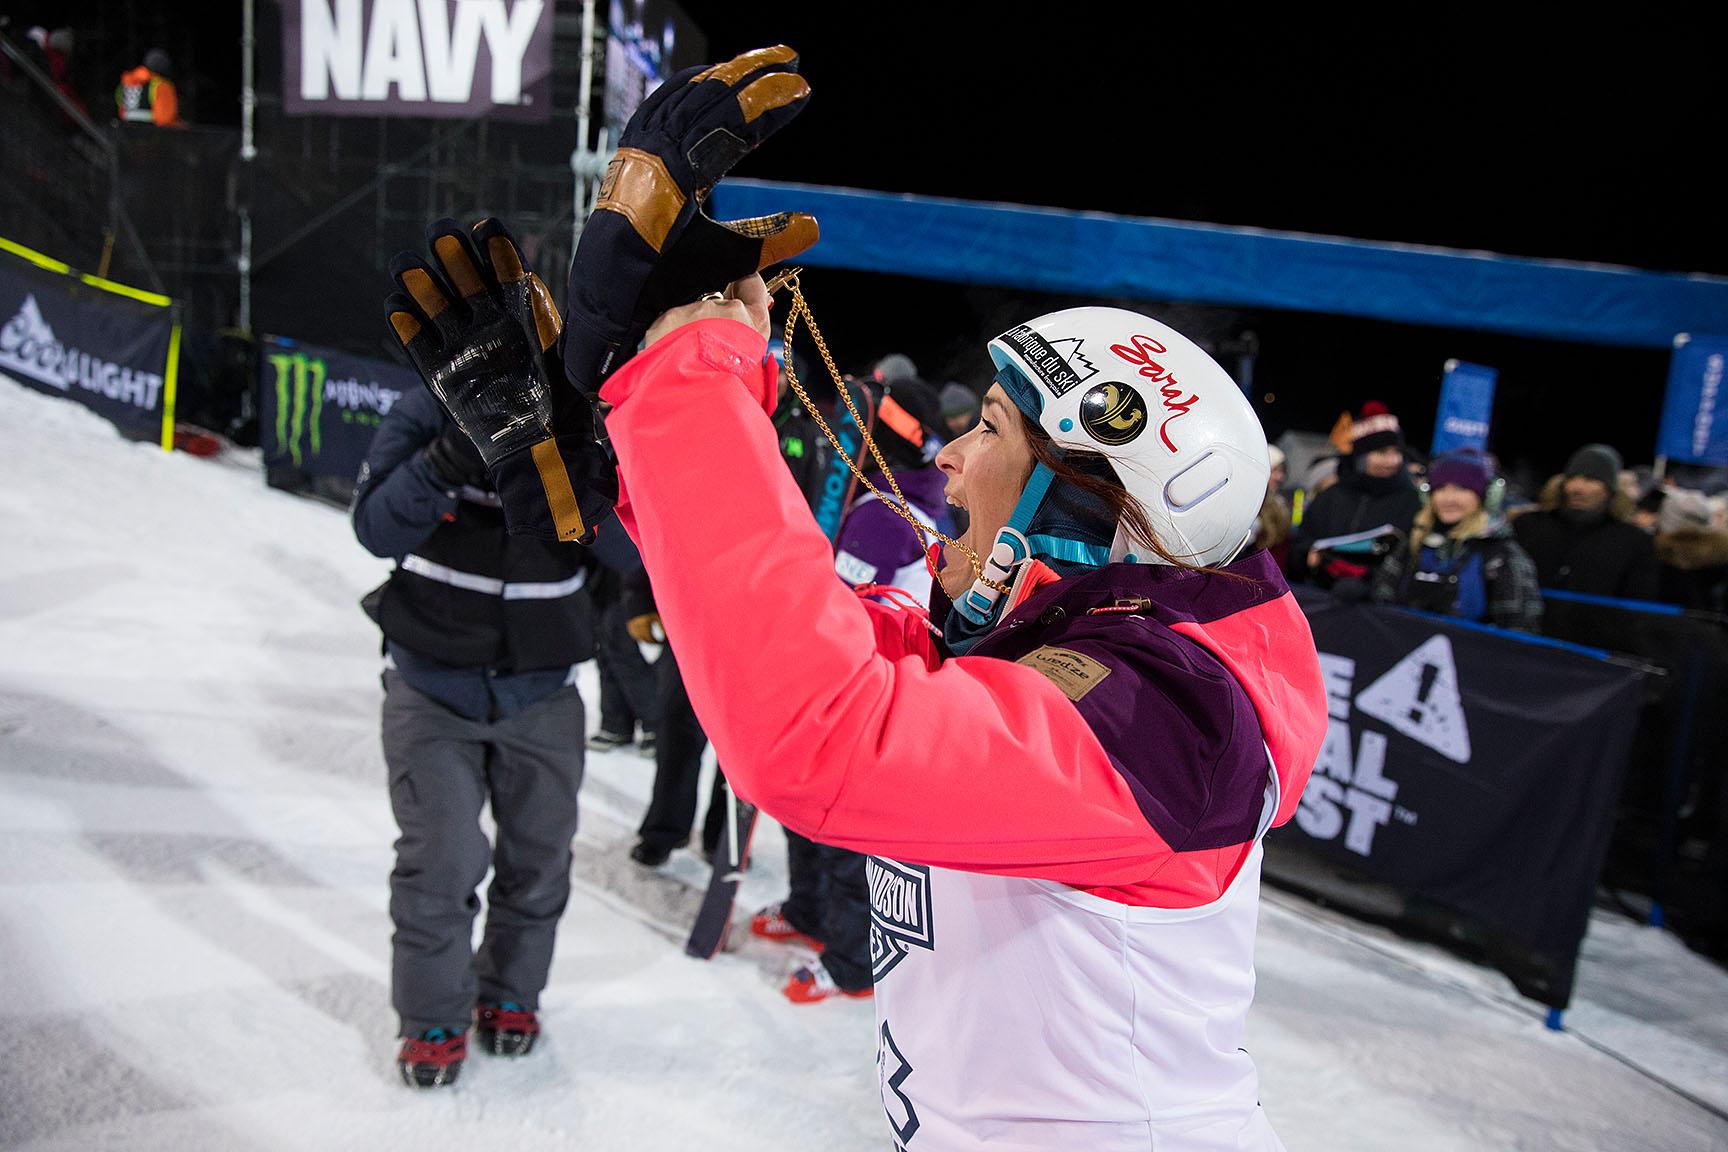 Marie Martinod, Women's Ski SuperPipe